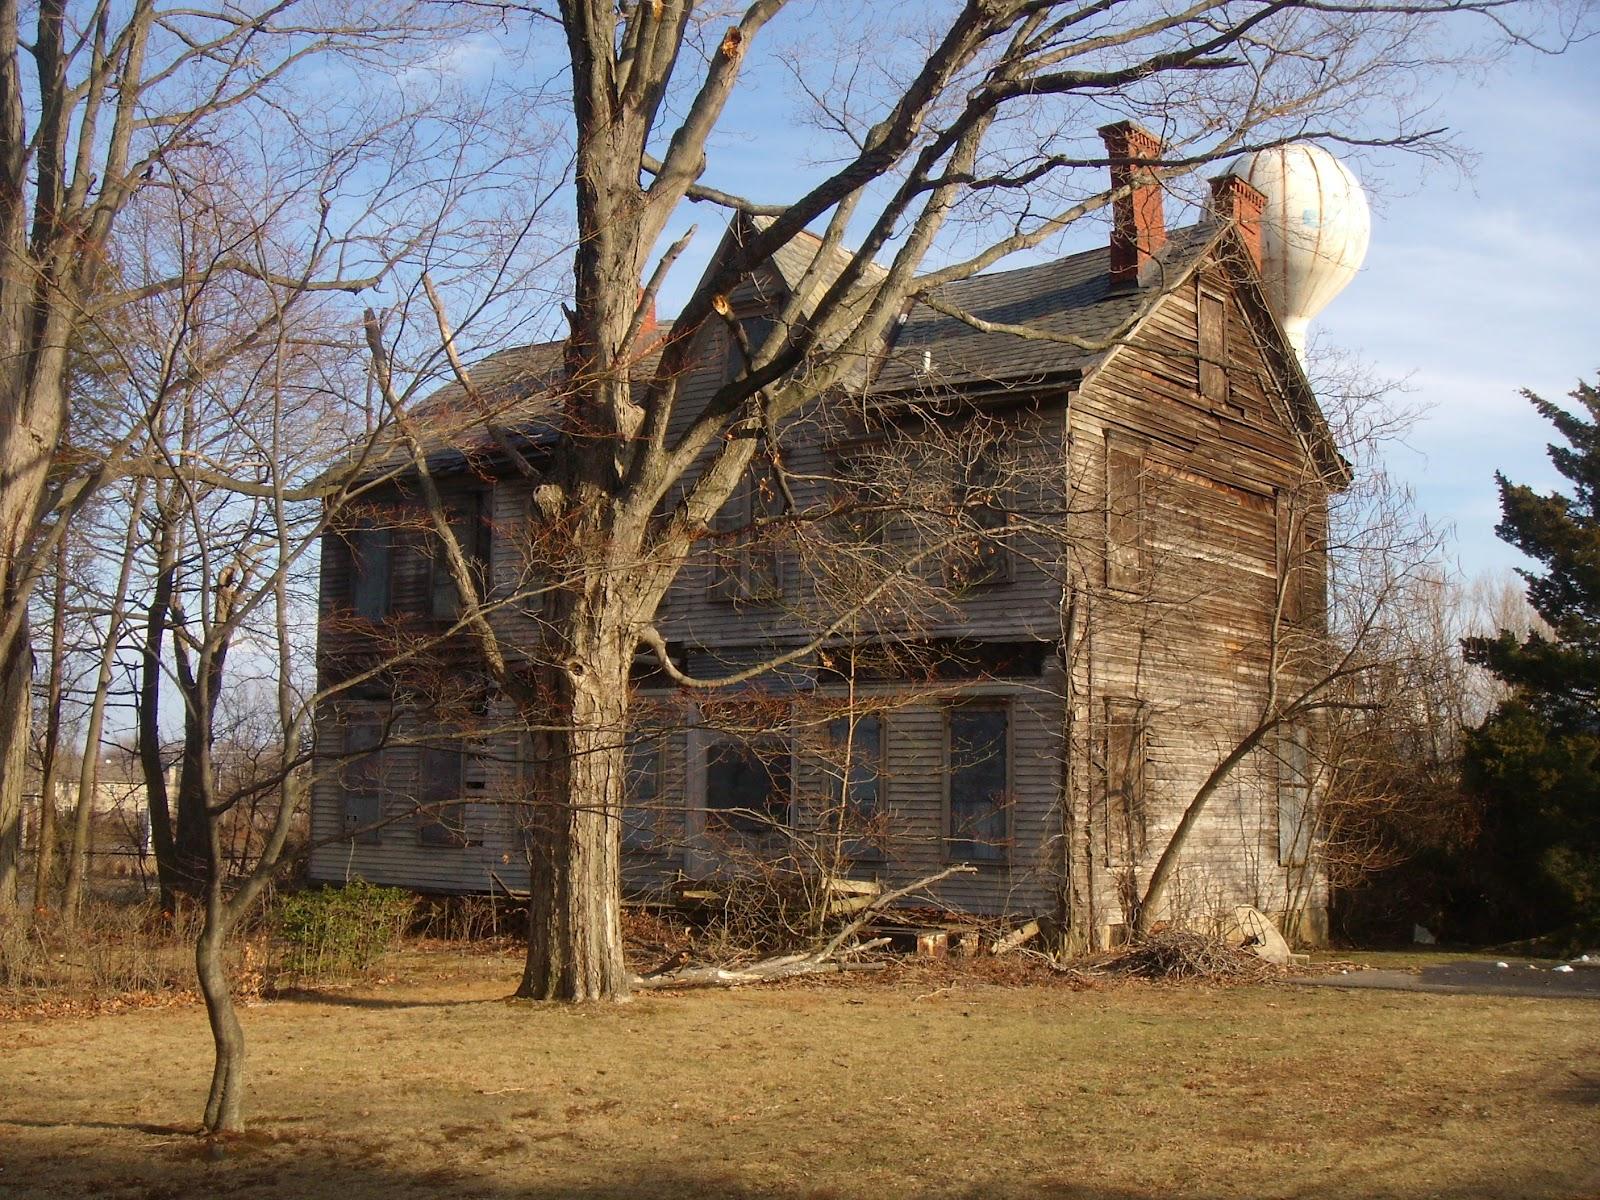 Aberdeen NJ Life: History: Zduniak of Cliffwood, NJ